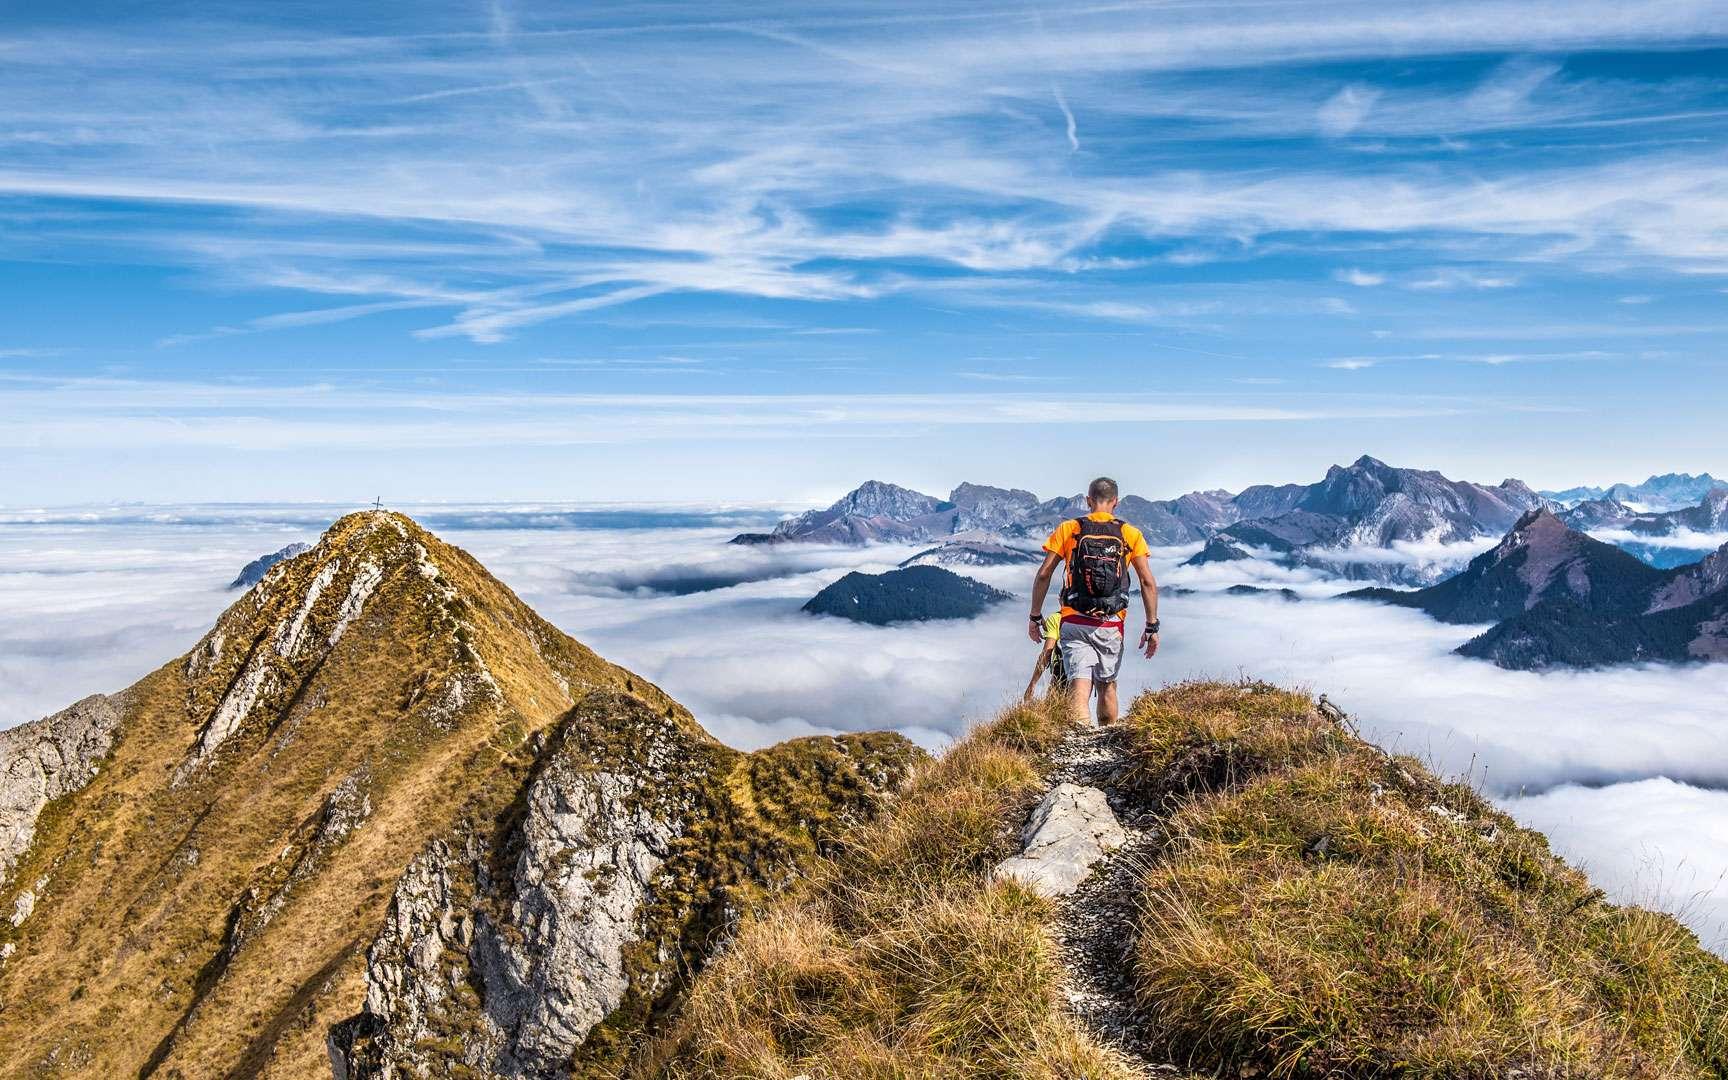 Sur le chemin du Roc d'Enfer, le Massif du Chablais. Attention, ici arêtes aiguisées. Ascension réservée aux pieds expérimentés car le terrain est souvent à pic et les crêtes effilées sont « aériennes ». Le faux pas n'est pas permis. Au bout du chemin, au loin, la croix matérialisant le sommet (à gauche sur la photo). Le Roc d'enfer culmine à 2.244 m en Haute-Savoie. Il s'étend entre la Suisse et la France et est l'un des plus hauts sommets du Chablais, deuxième massif plus étendu des Préalpes du Nord. © Pierre Thiaville, tous droits réservés